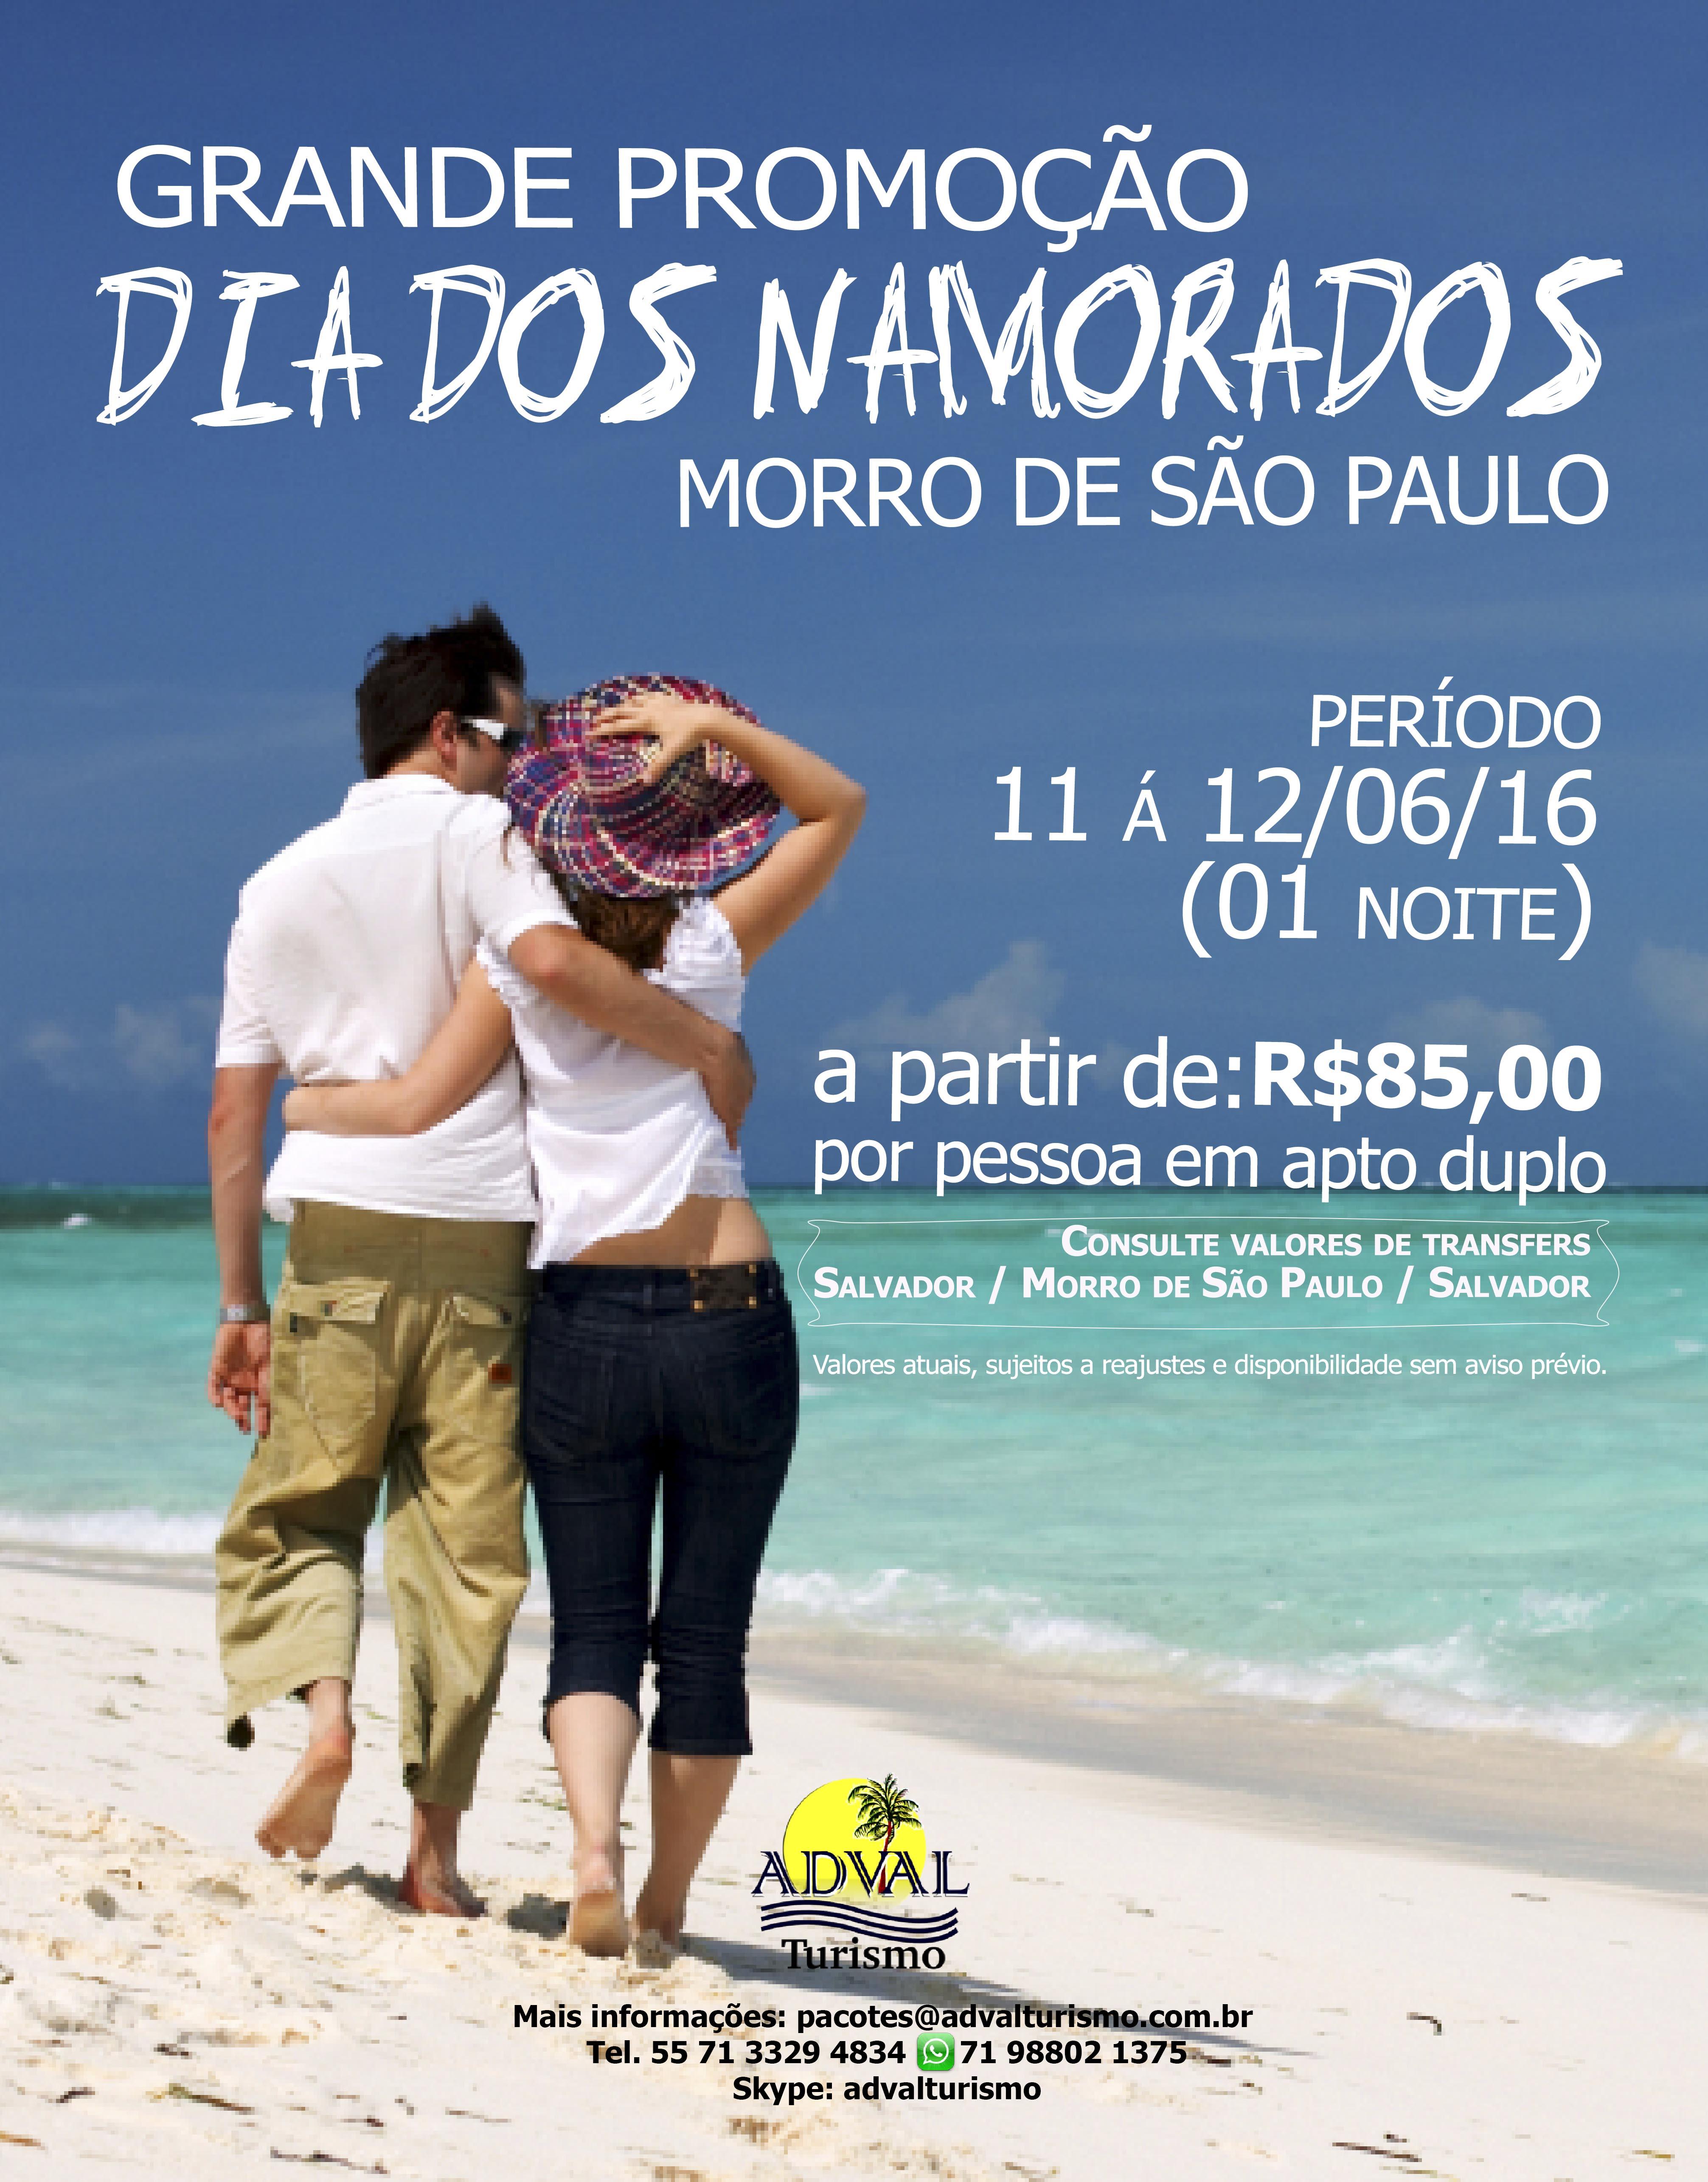 lamina_dia_dos_namorados_morro_de_são_paulo_1